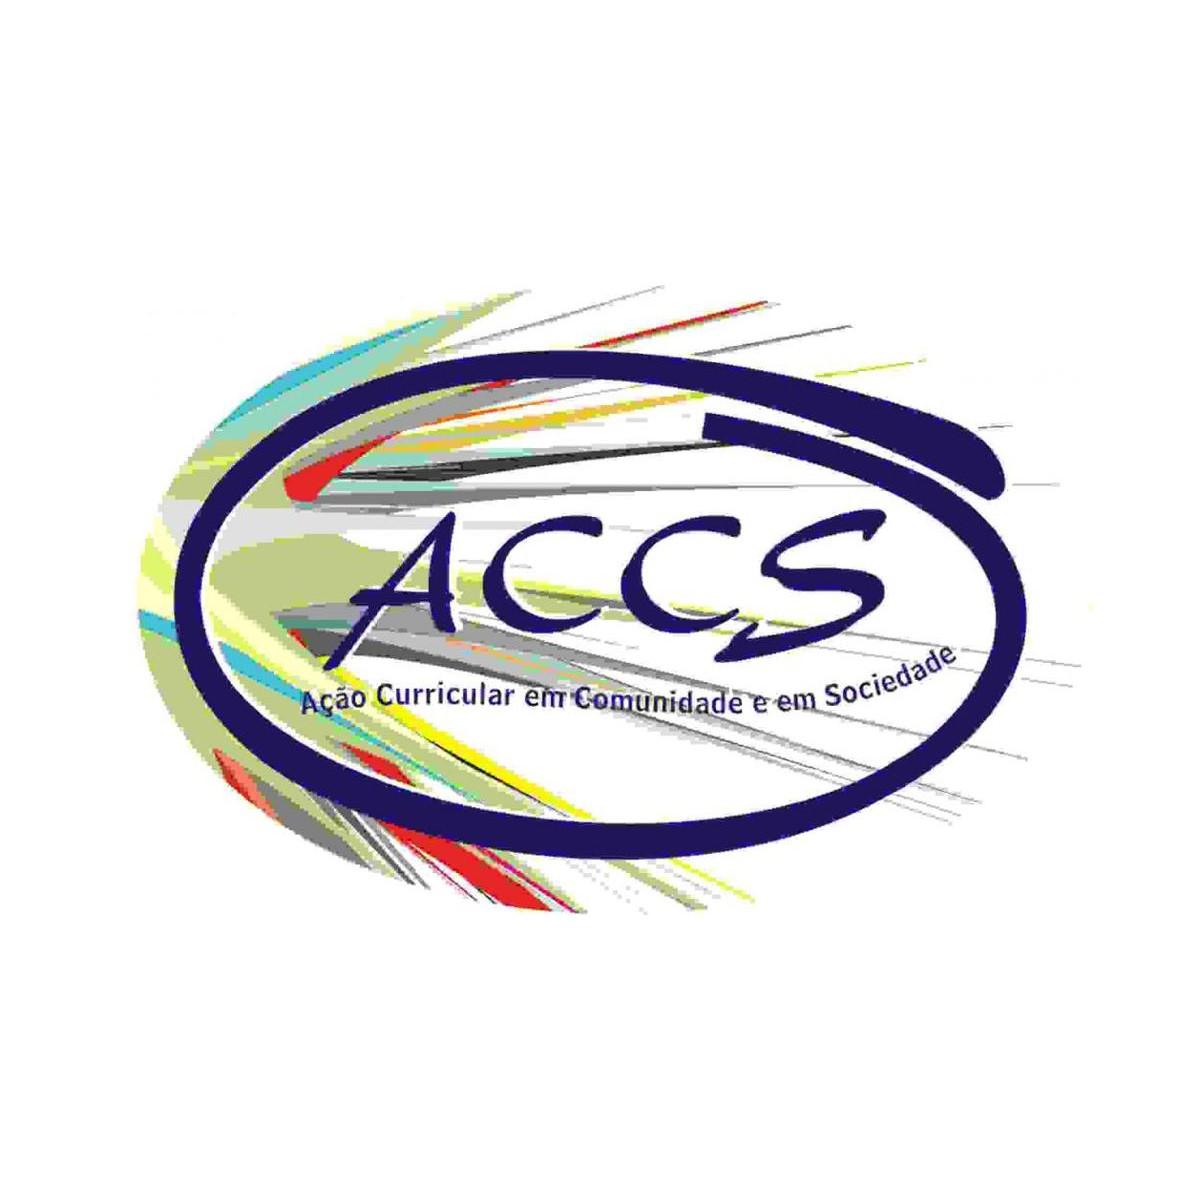 """ACCS """"Promoção da Saúde e Qualidade de Vida"""" realiza nova chamada para interessadas/os na atividade"""